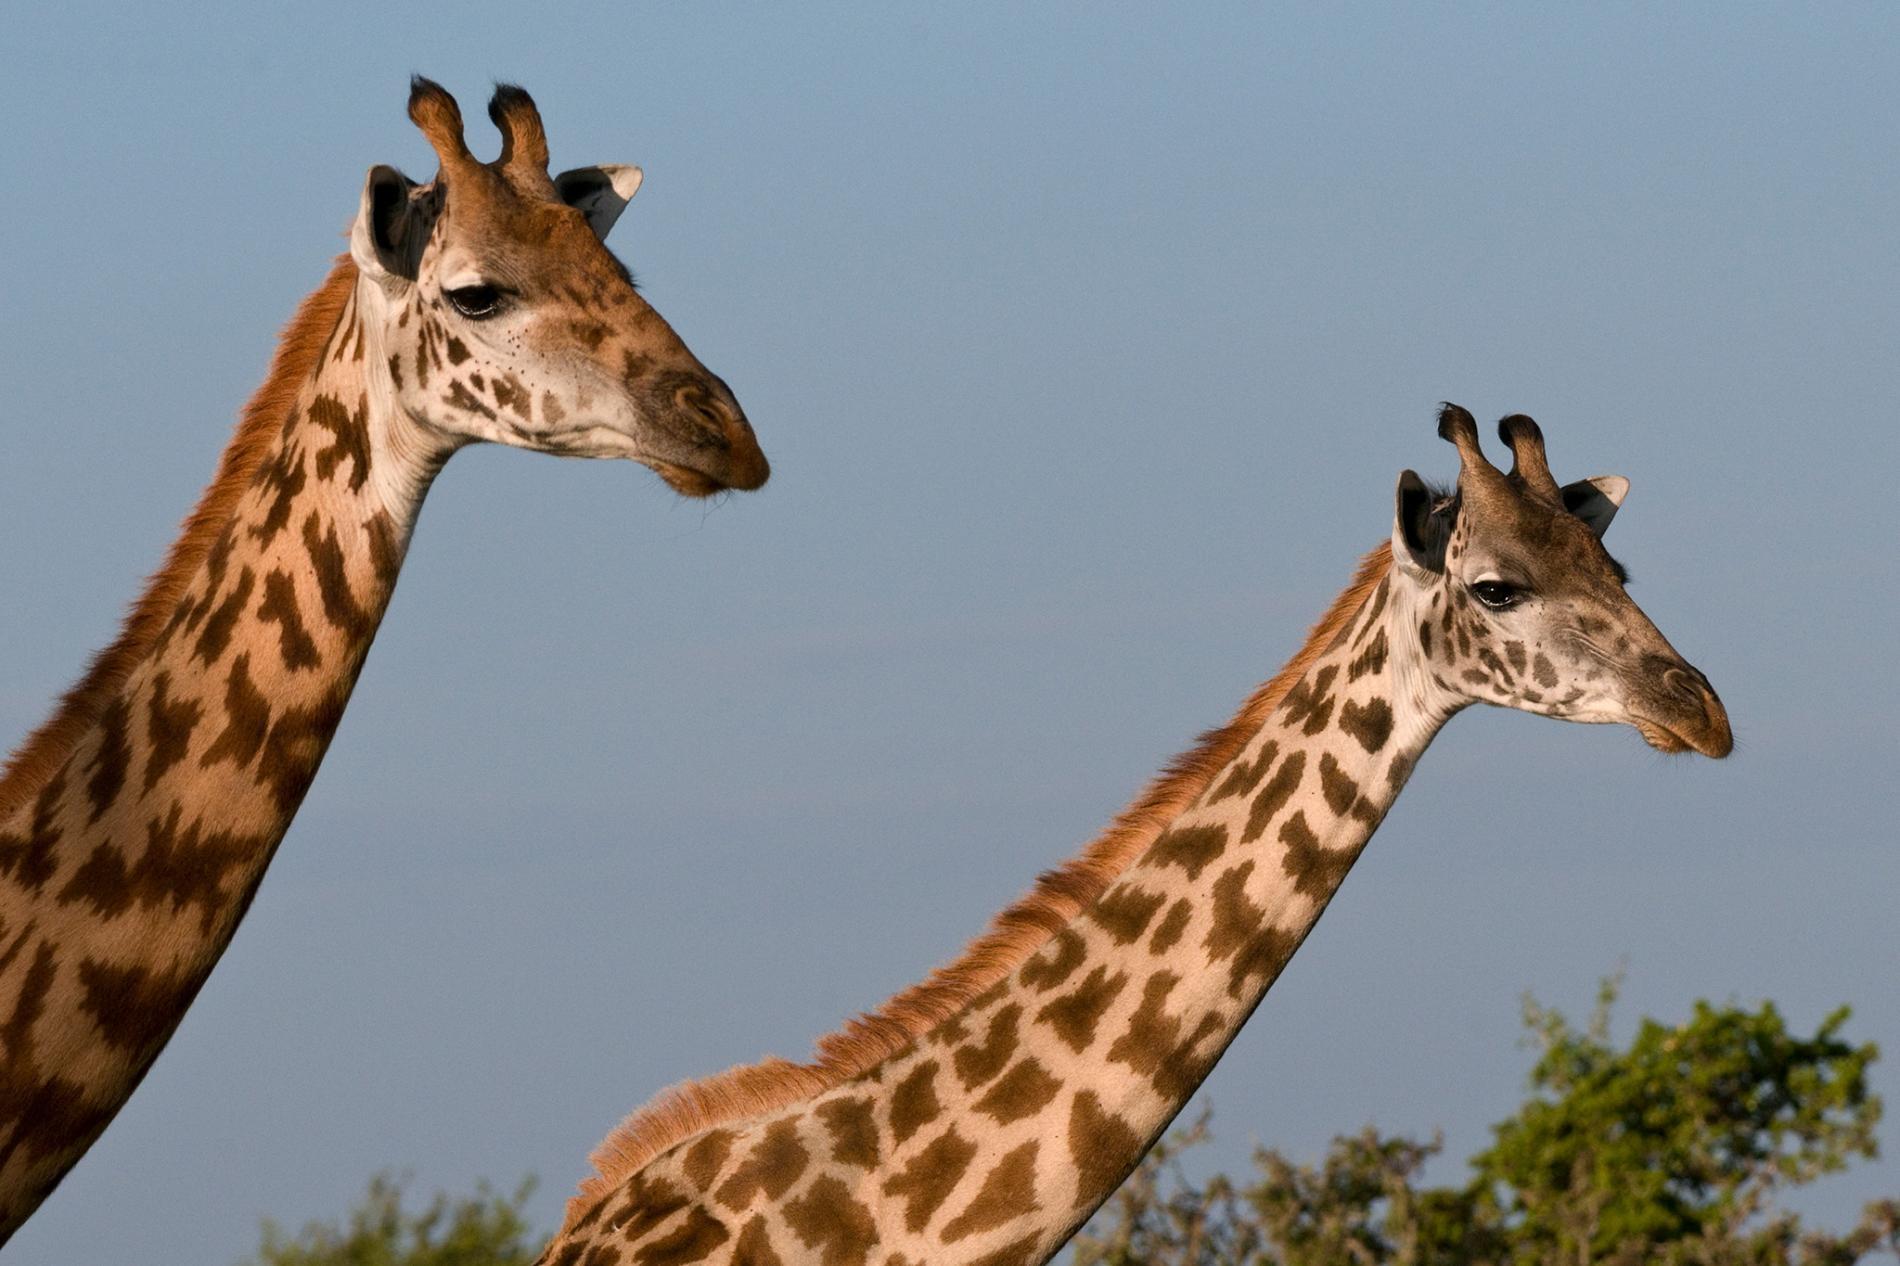 如今野外剩下3萬5000頭馬賽長頸鹿。牠們的數量在過去30年內已減少將近50%。PHOTOGRAPH BY SERGIO PITAMITZ, NAT GEO IMAGE COLLECTION